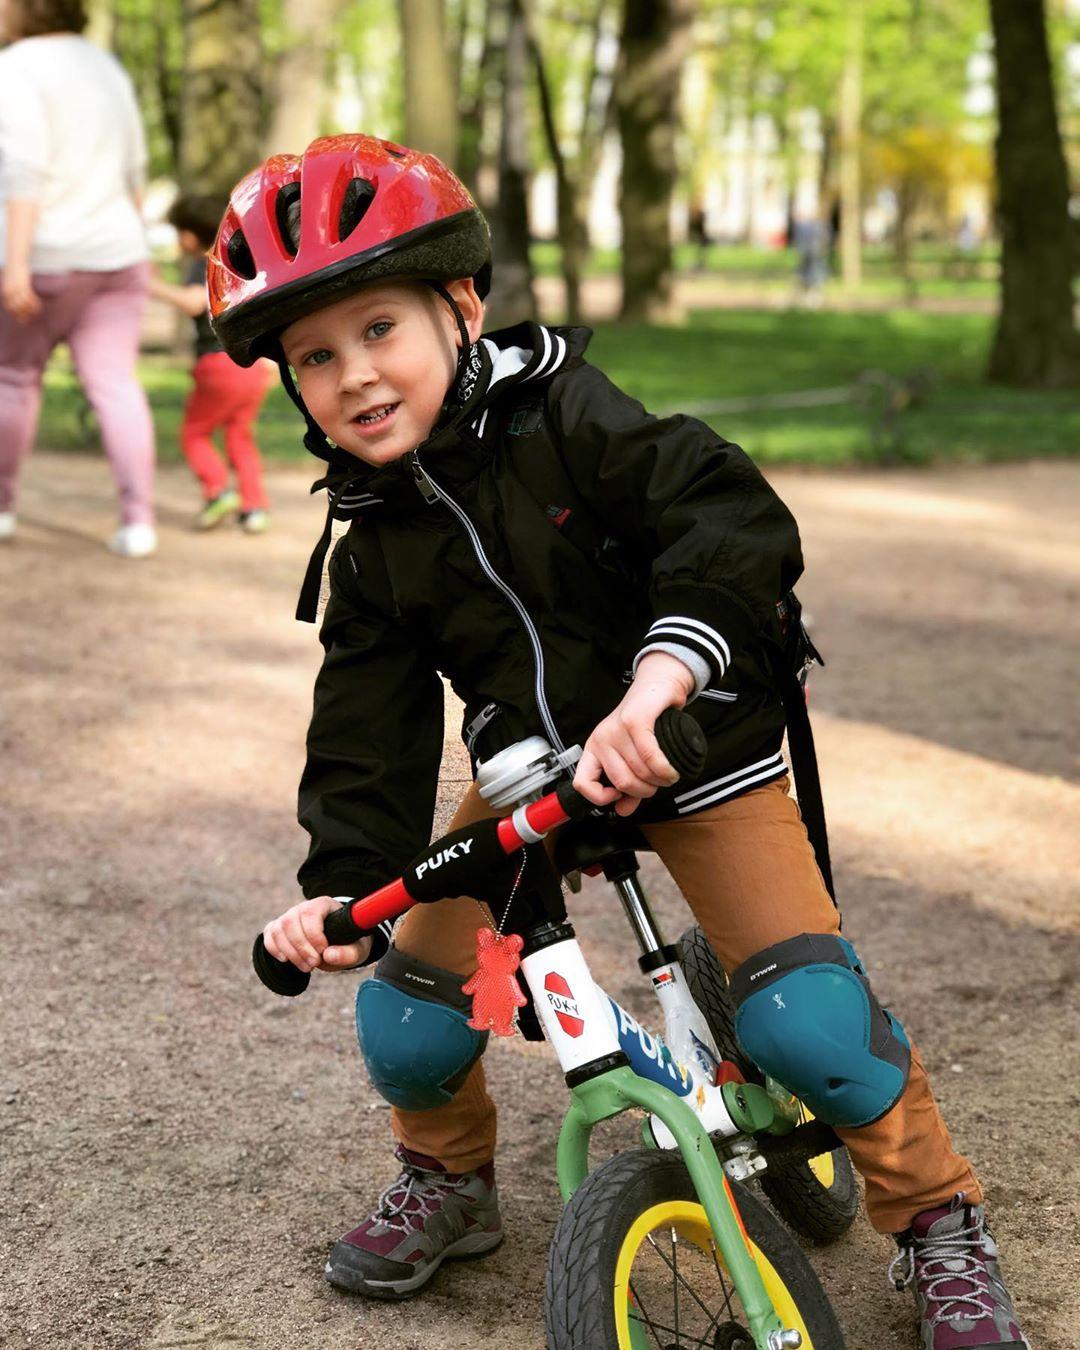 Где покататься на велосипеде в Санкт-Петербурге - список веломаршрутов